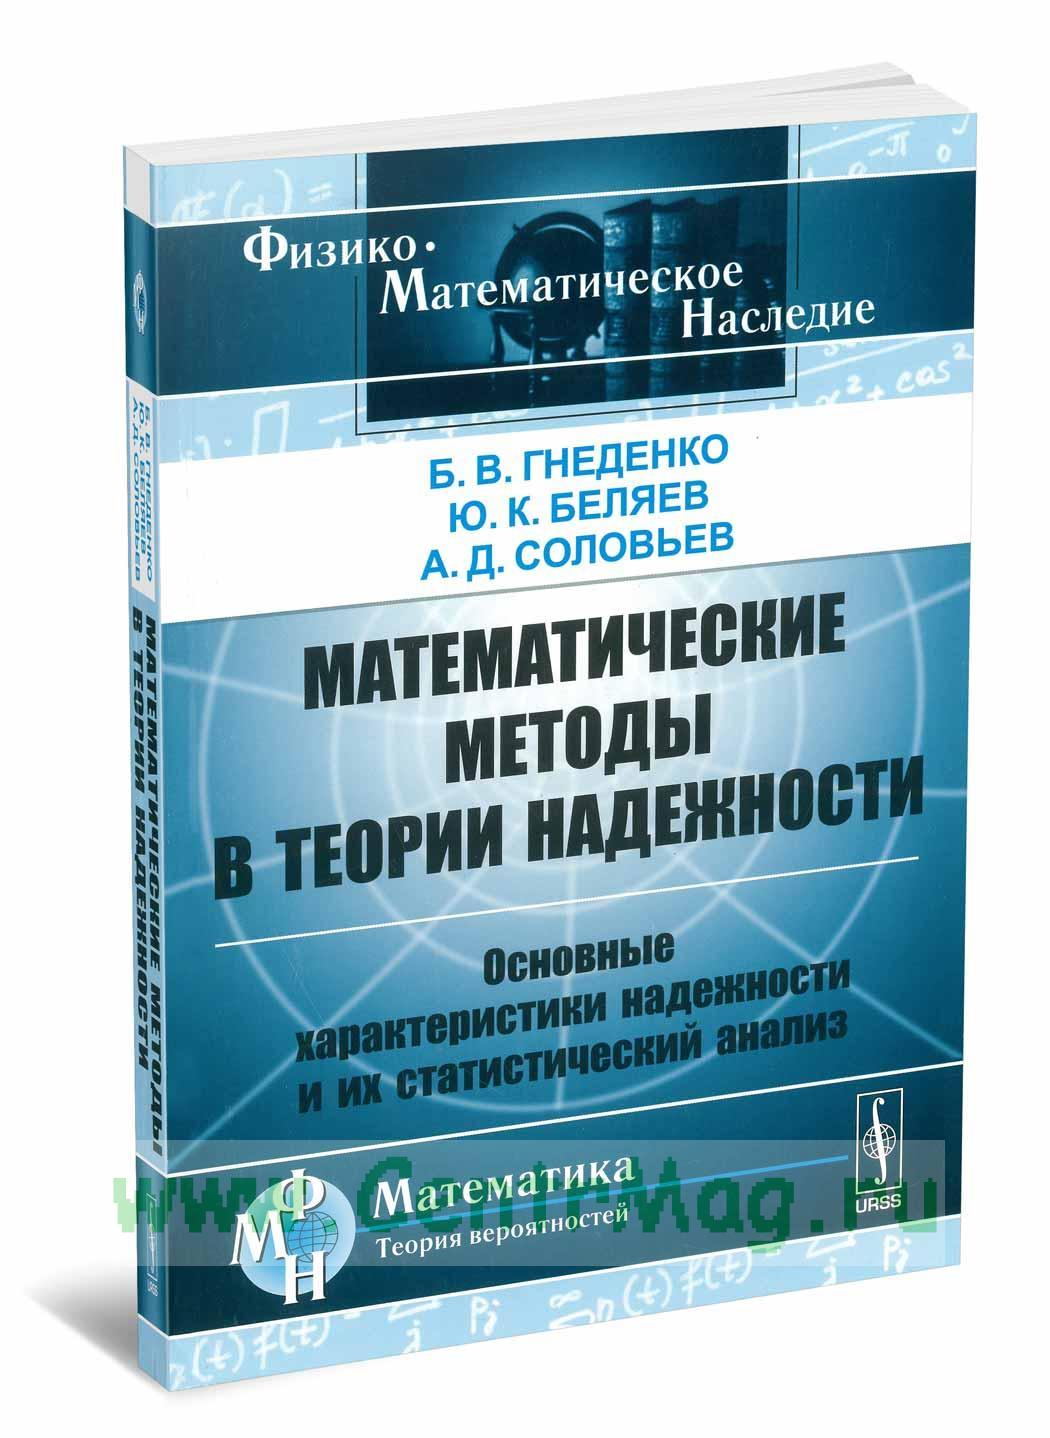 Математические методы в теории надежности: Основные характеристики надежности и их статистический анализ